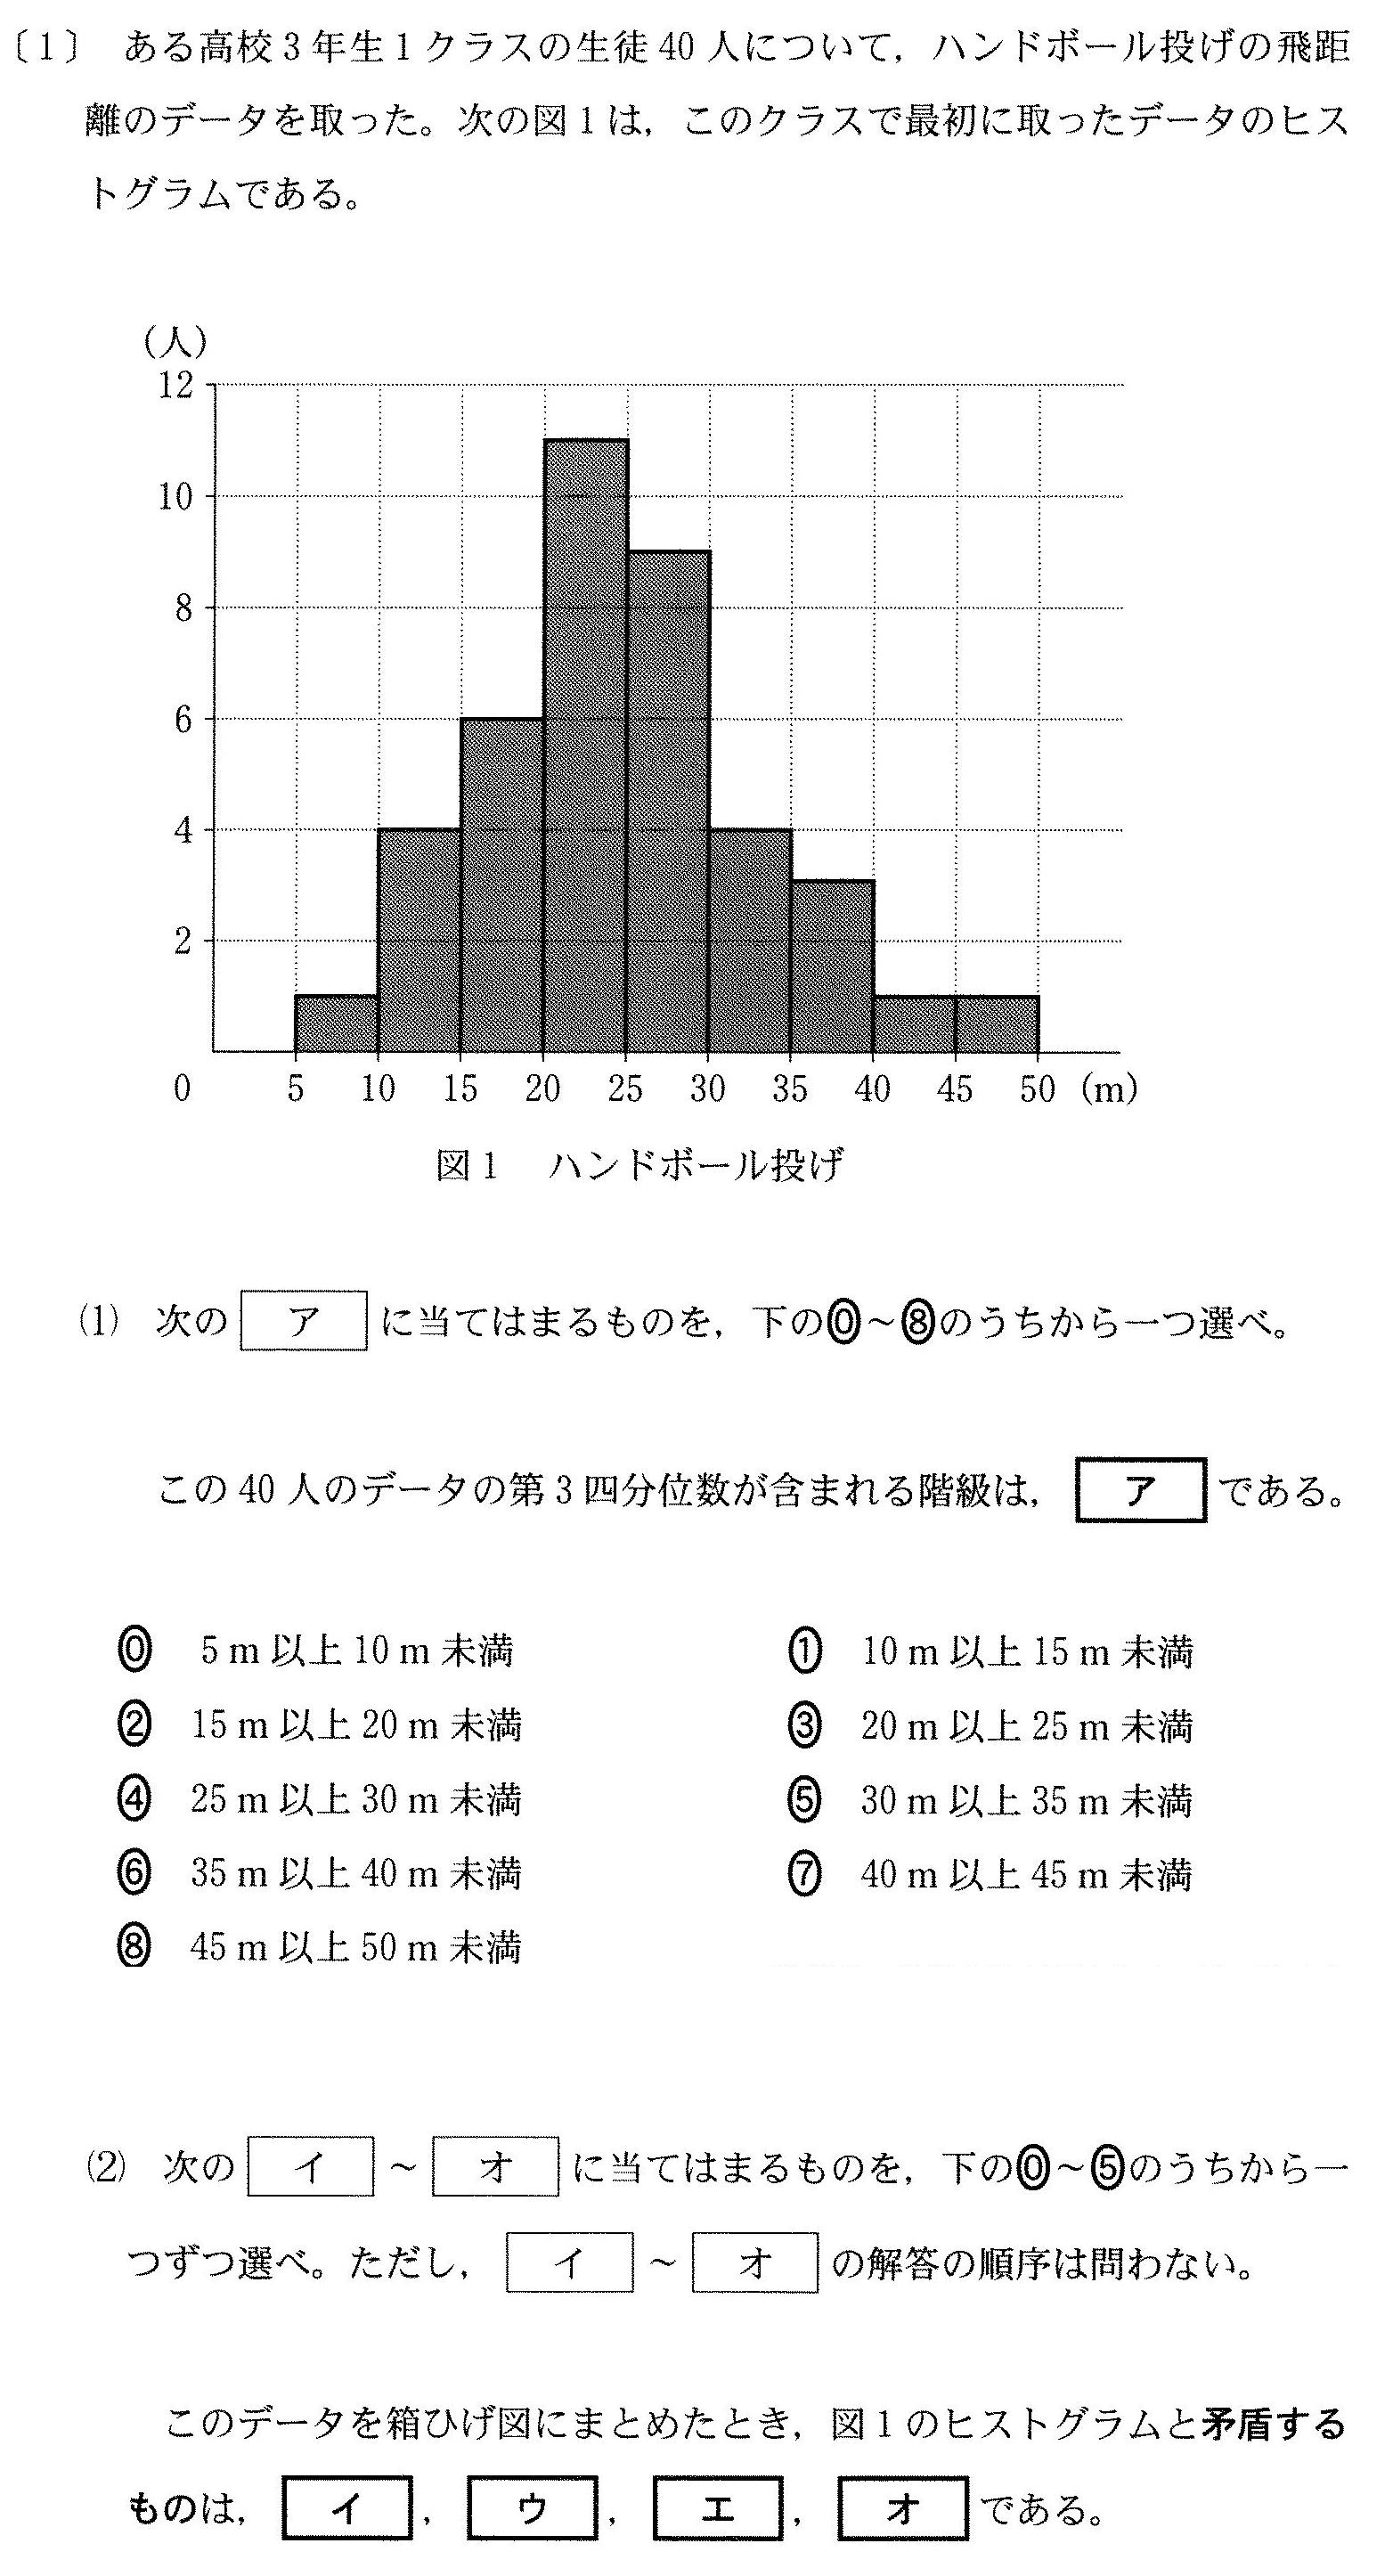 問題1A3-1-1